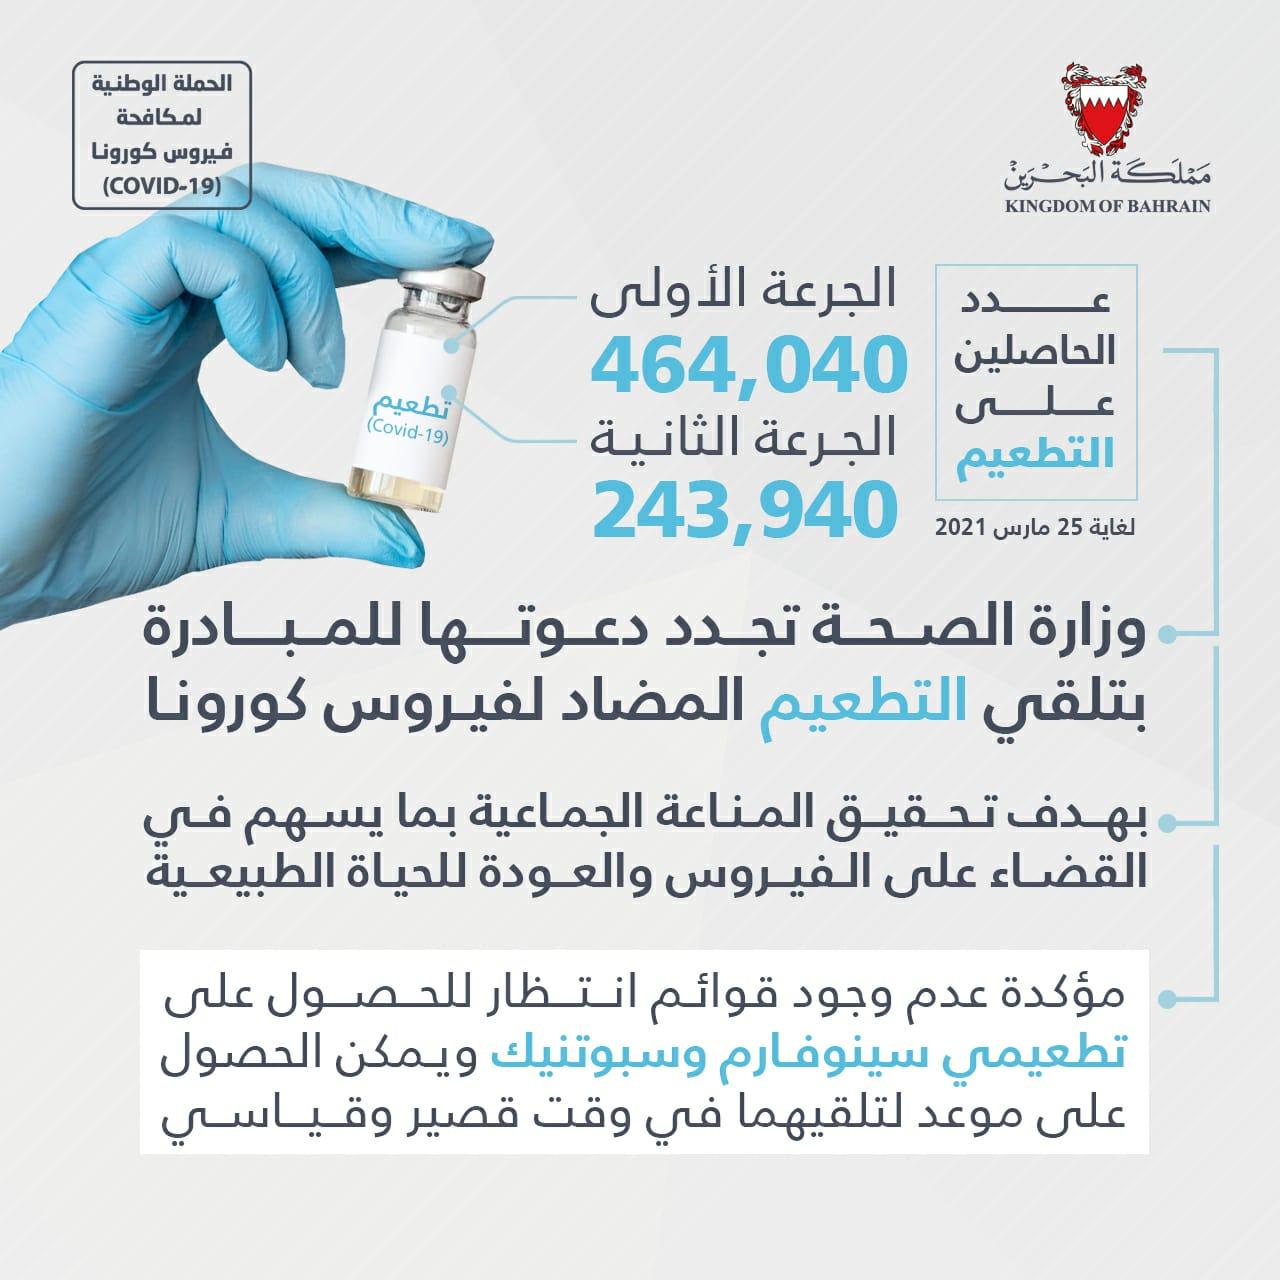 وزارة الصحة تجدد دعوتها للمبادرة بتلقي التطعيم المضاد لفيروس كورونا بهدف العودة للحياة الطبيعية